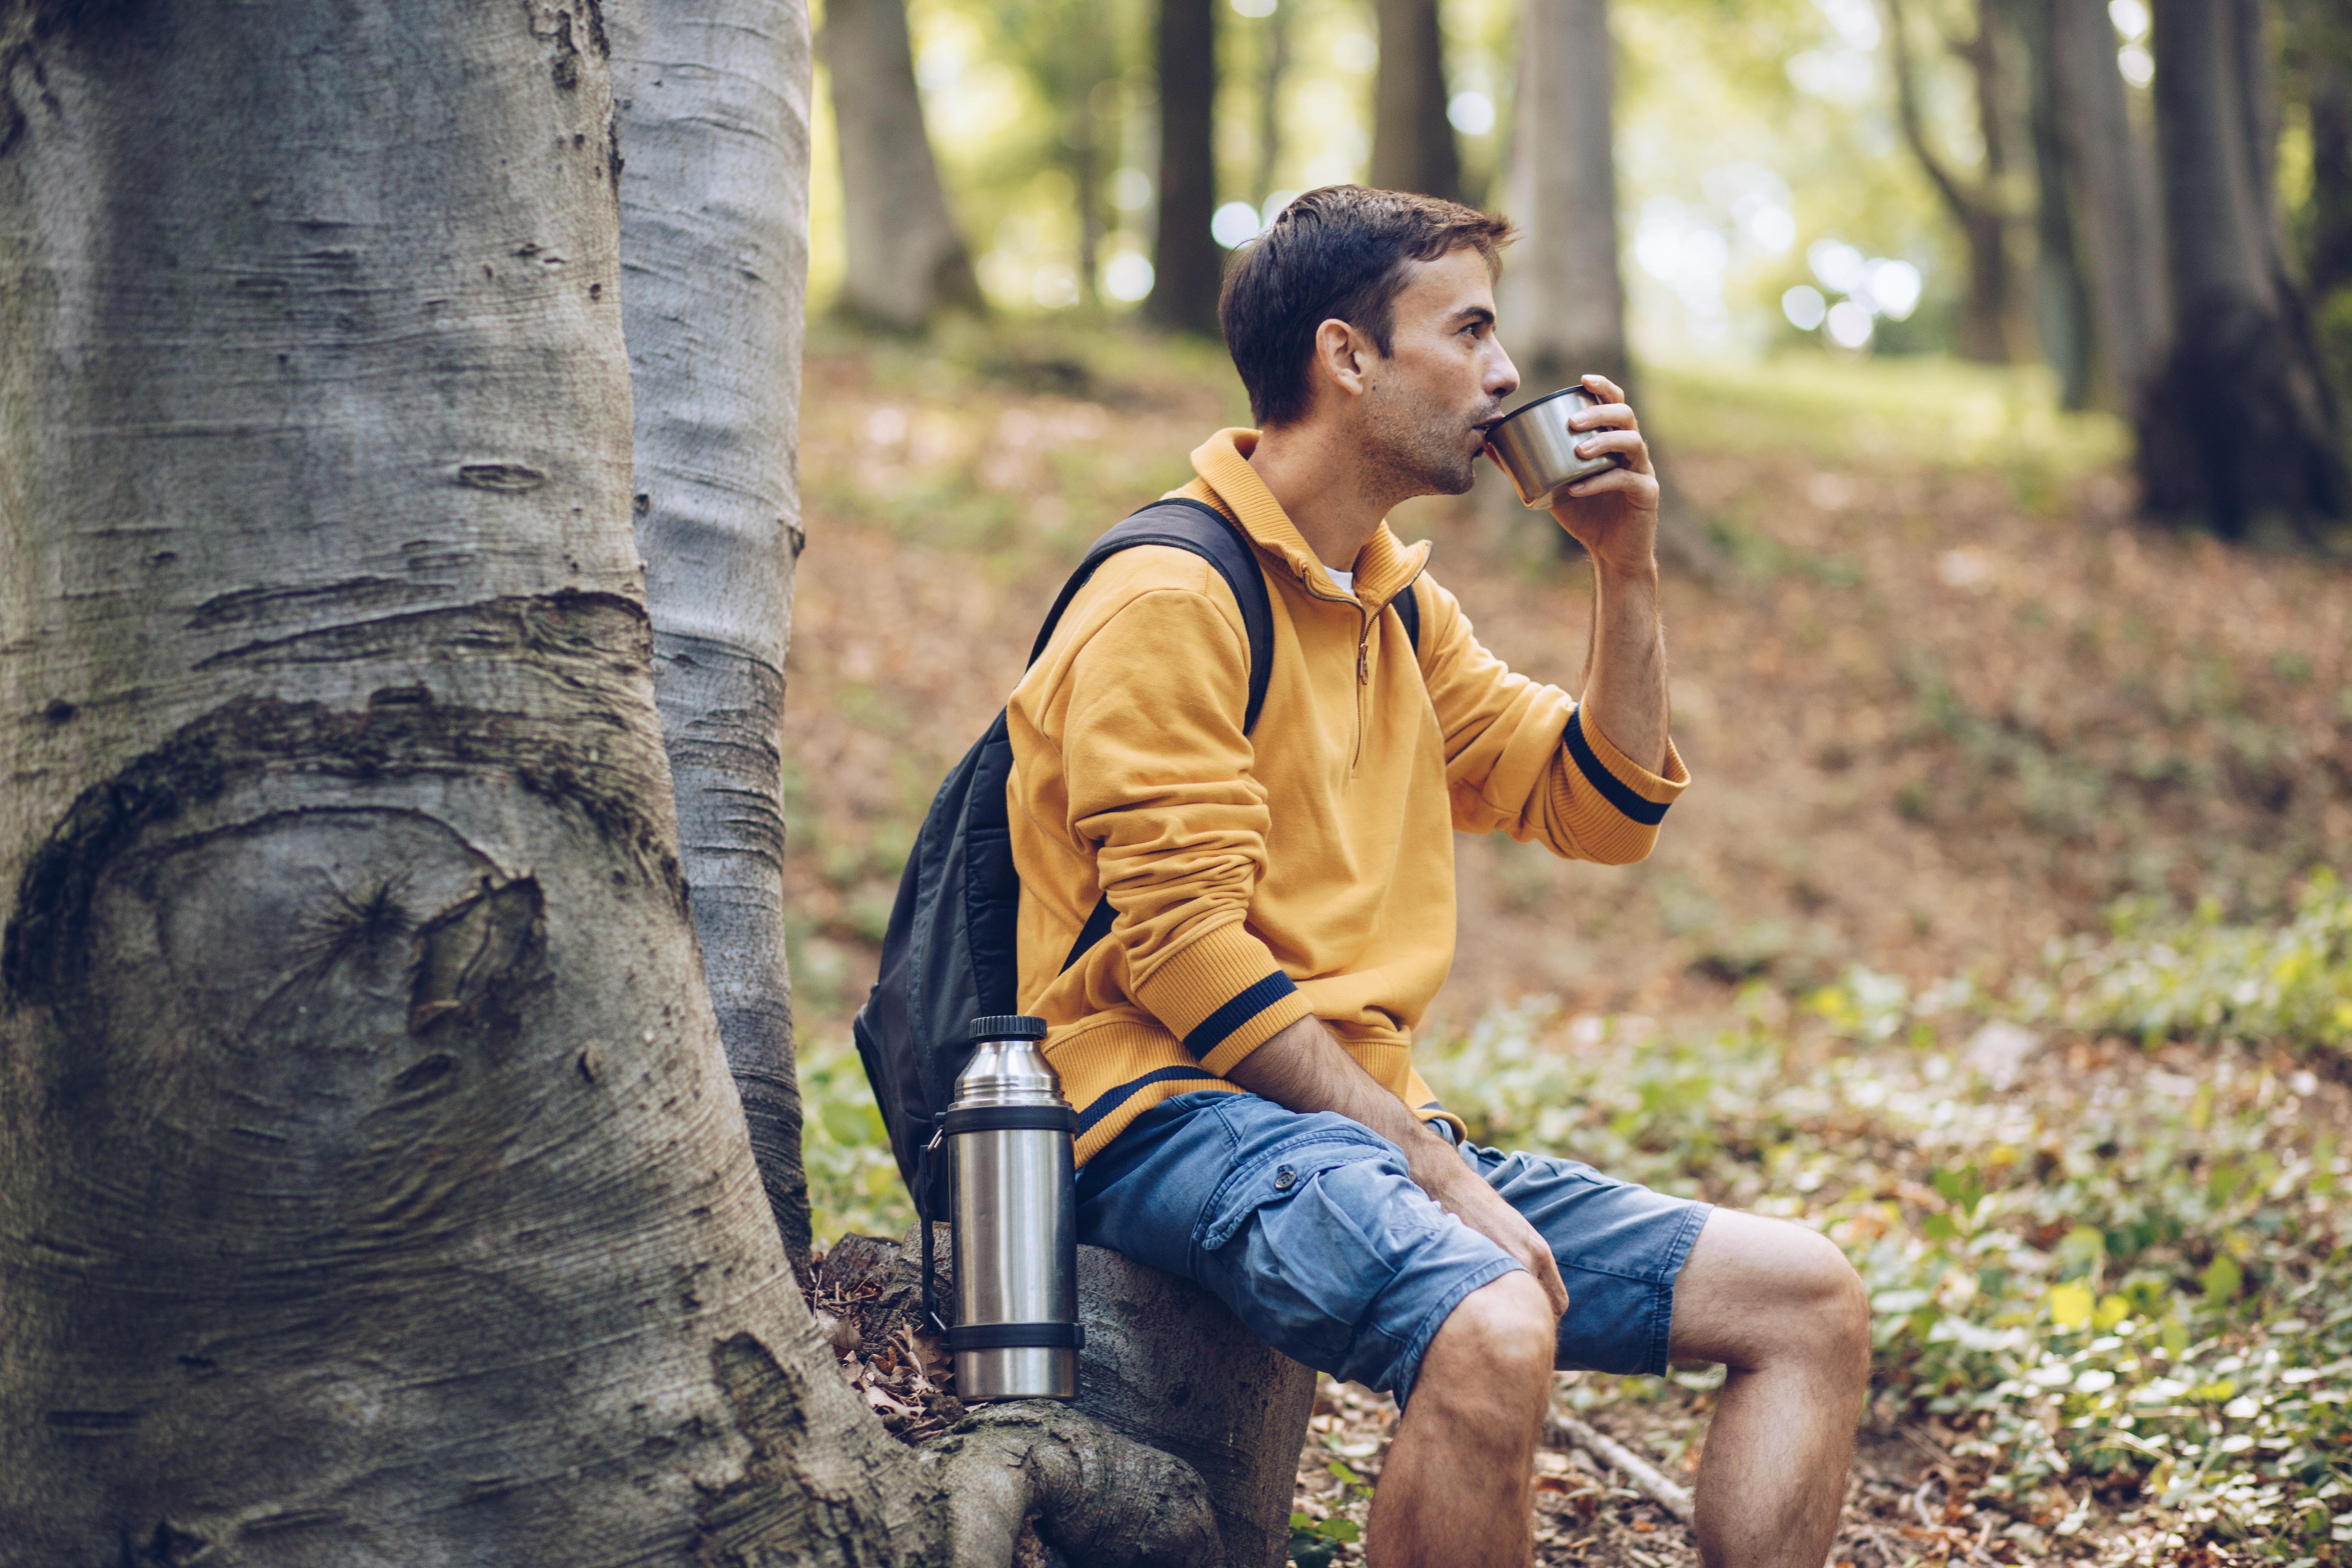 Människor som tillbringar mycket tid i skog och mark känner sig generellt friskare än andra grupper.